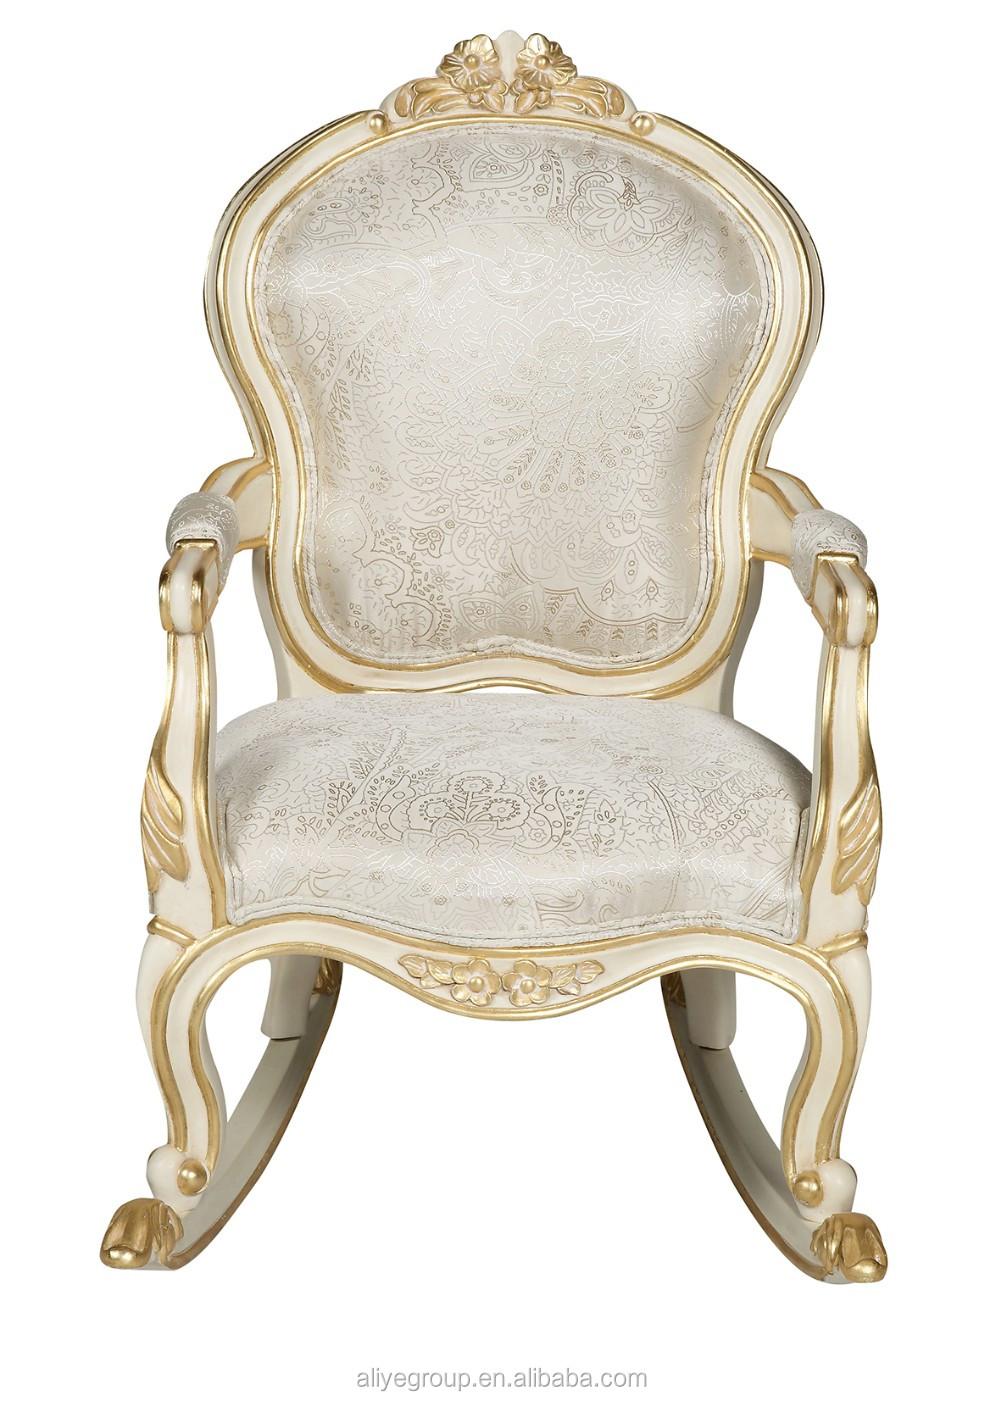 Wy507 antico di lusso avorio e reale per bambini in legno struttura della sedia bambini sedia a - Sedia a dondolo prezzi ...